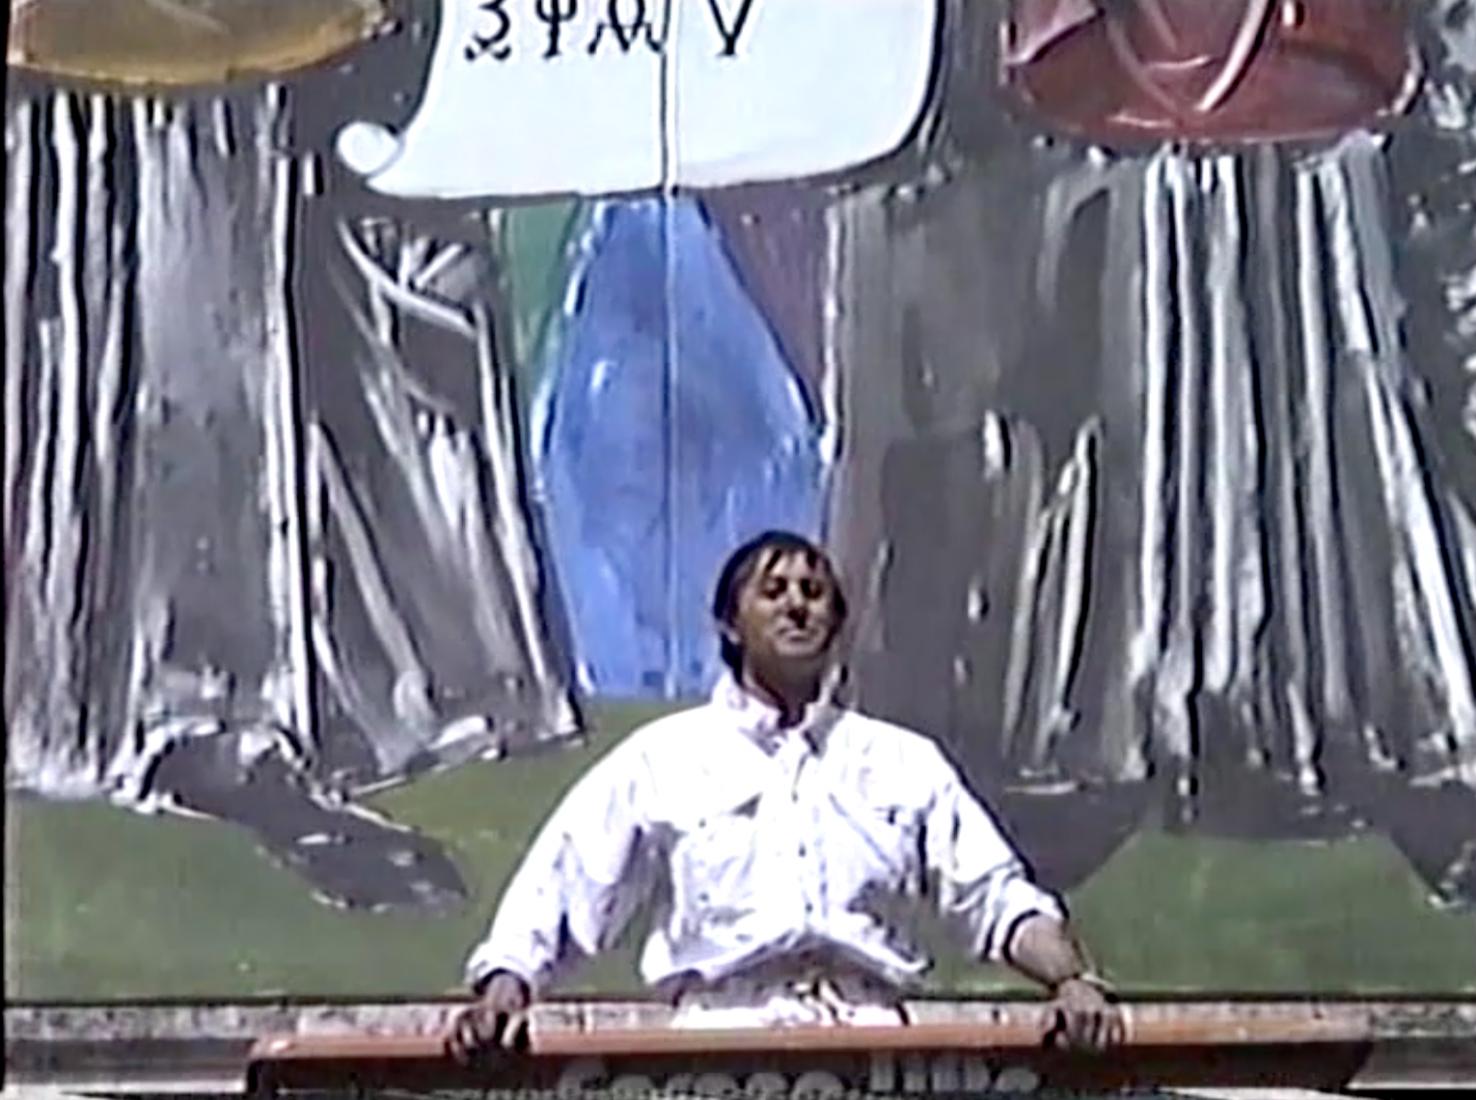 Васил Симитчиев. Кирилица, Копенхаген, 1988